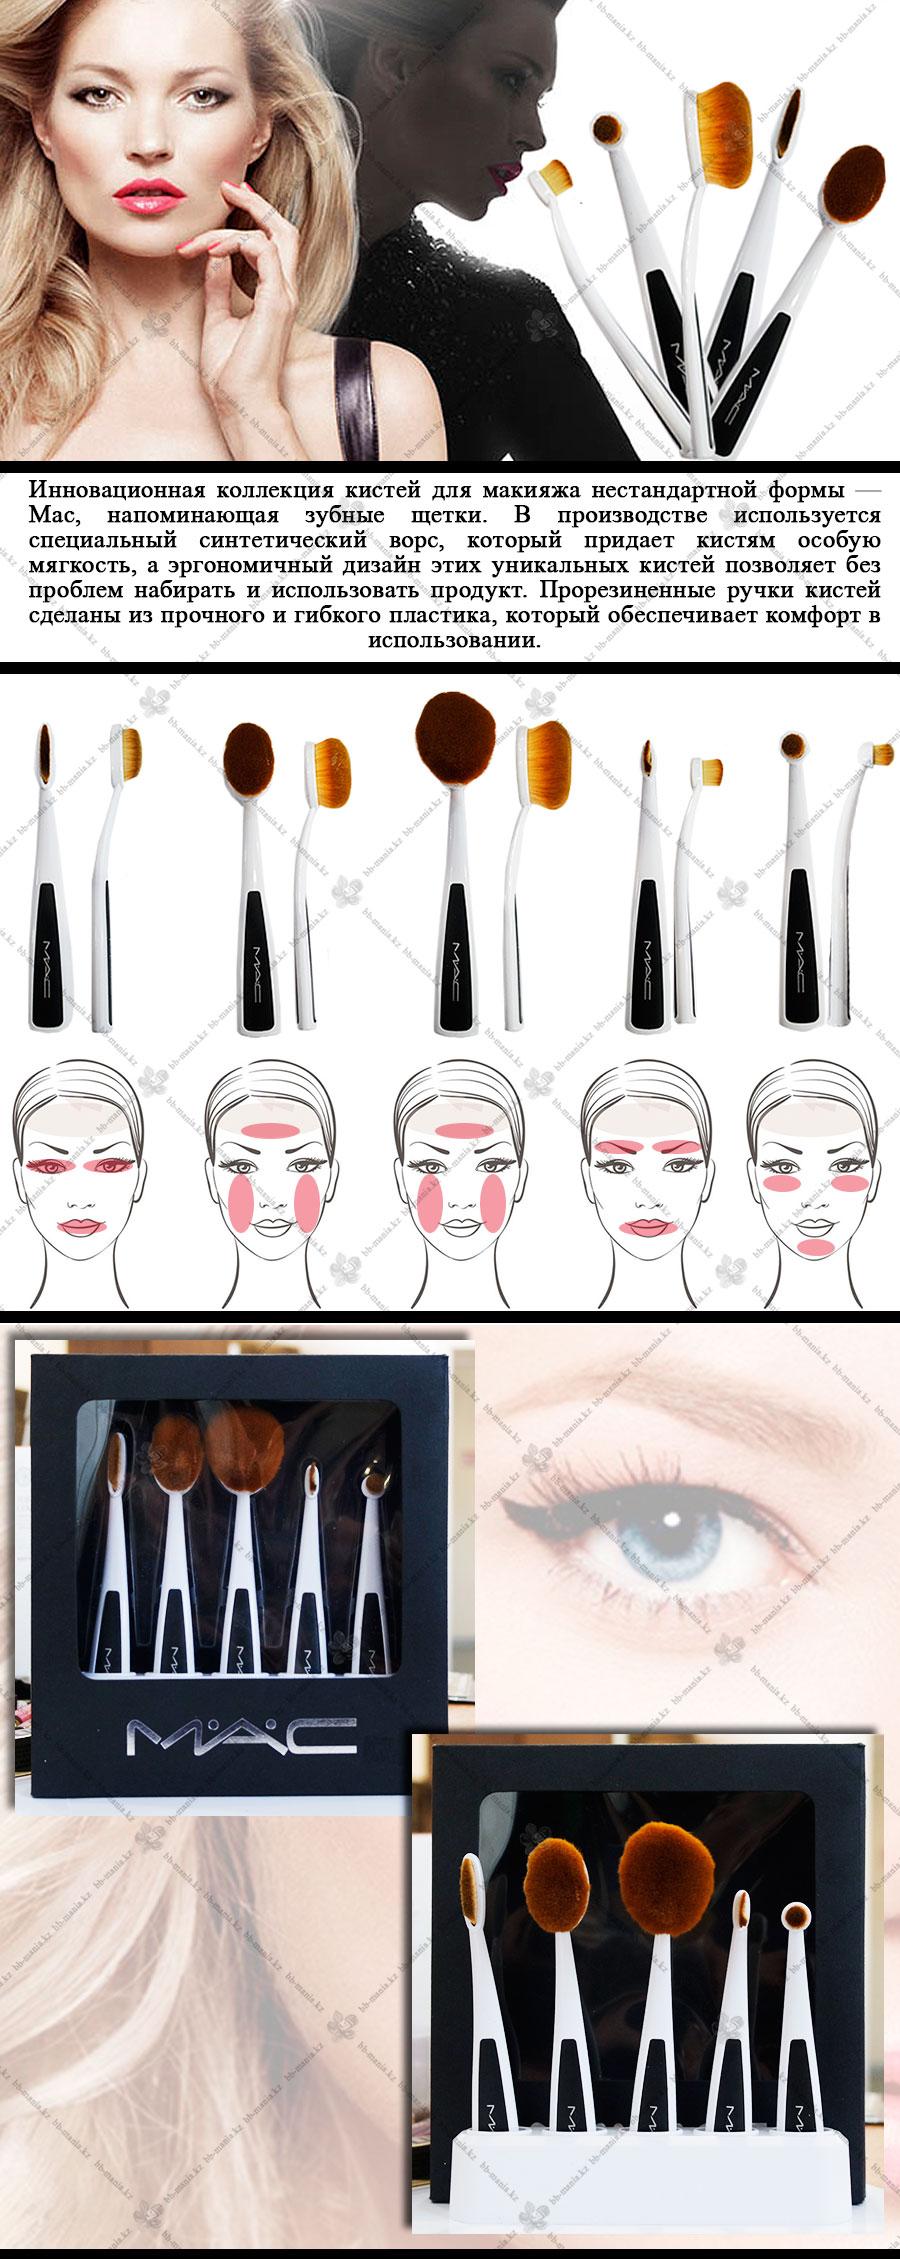 Кисточки для макияжа какая для чего описание